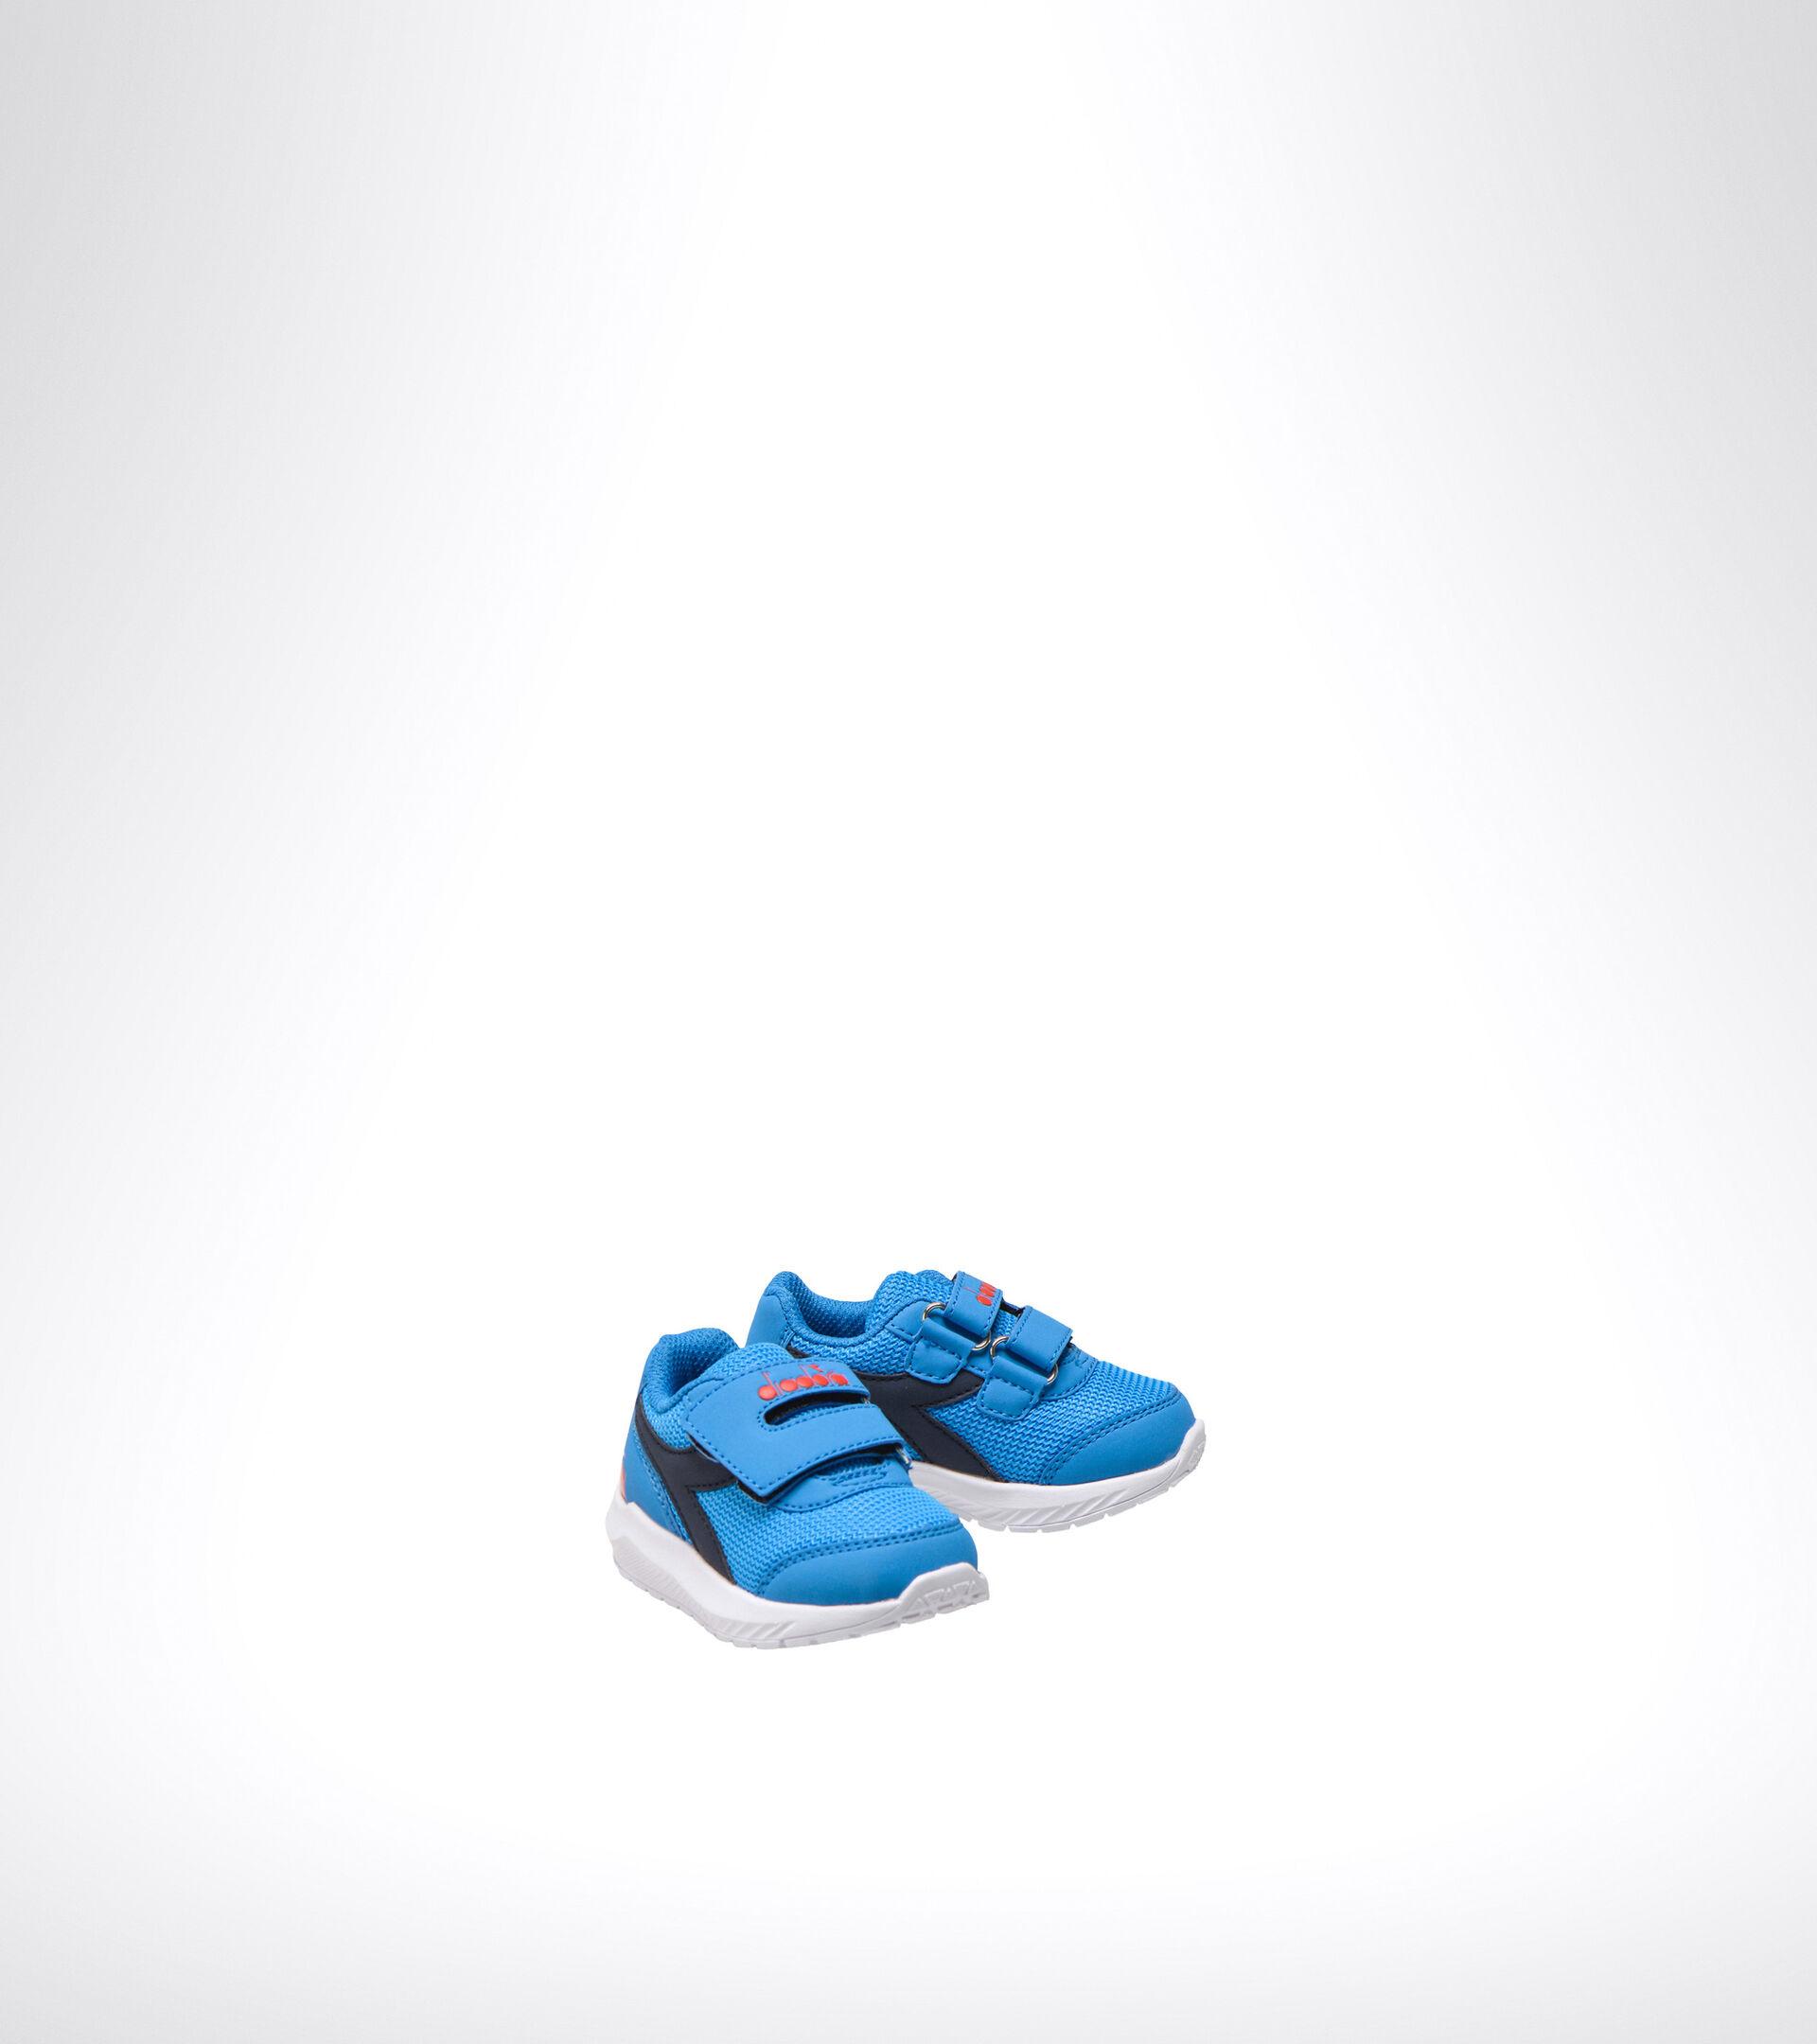 Zapatillas de running - Unisex Niños FALCON I AZL PARACAIDISTA/AZL FINCA - Diadora